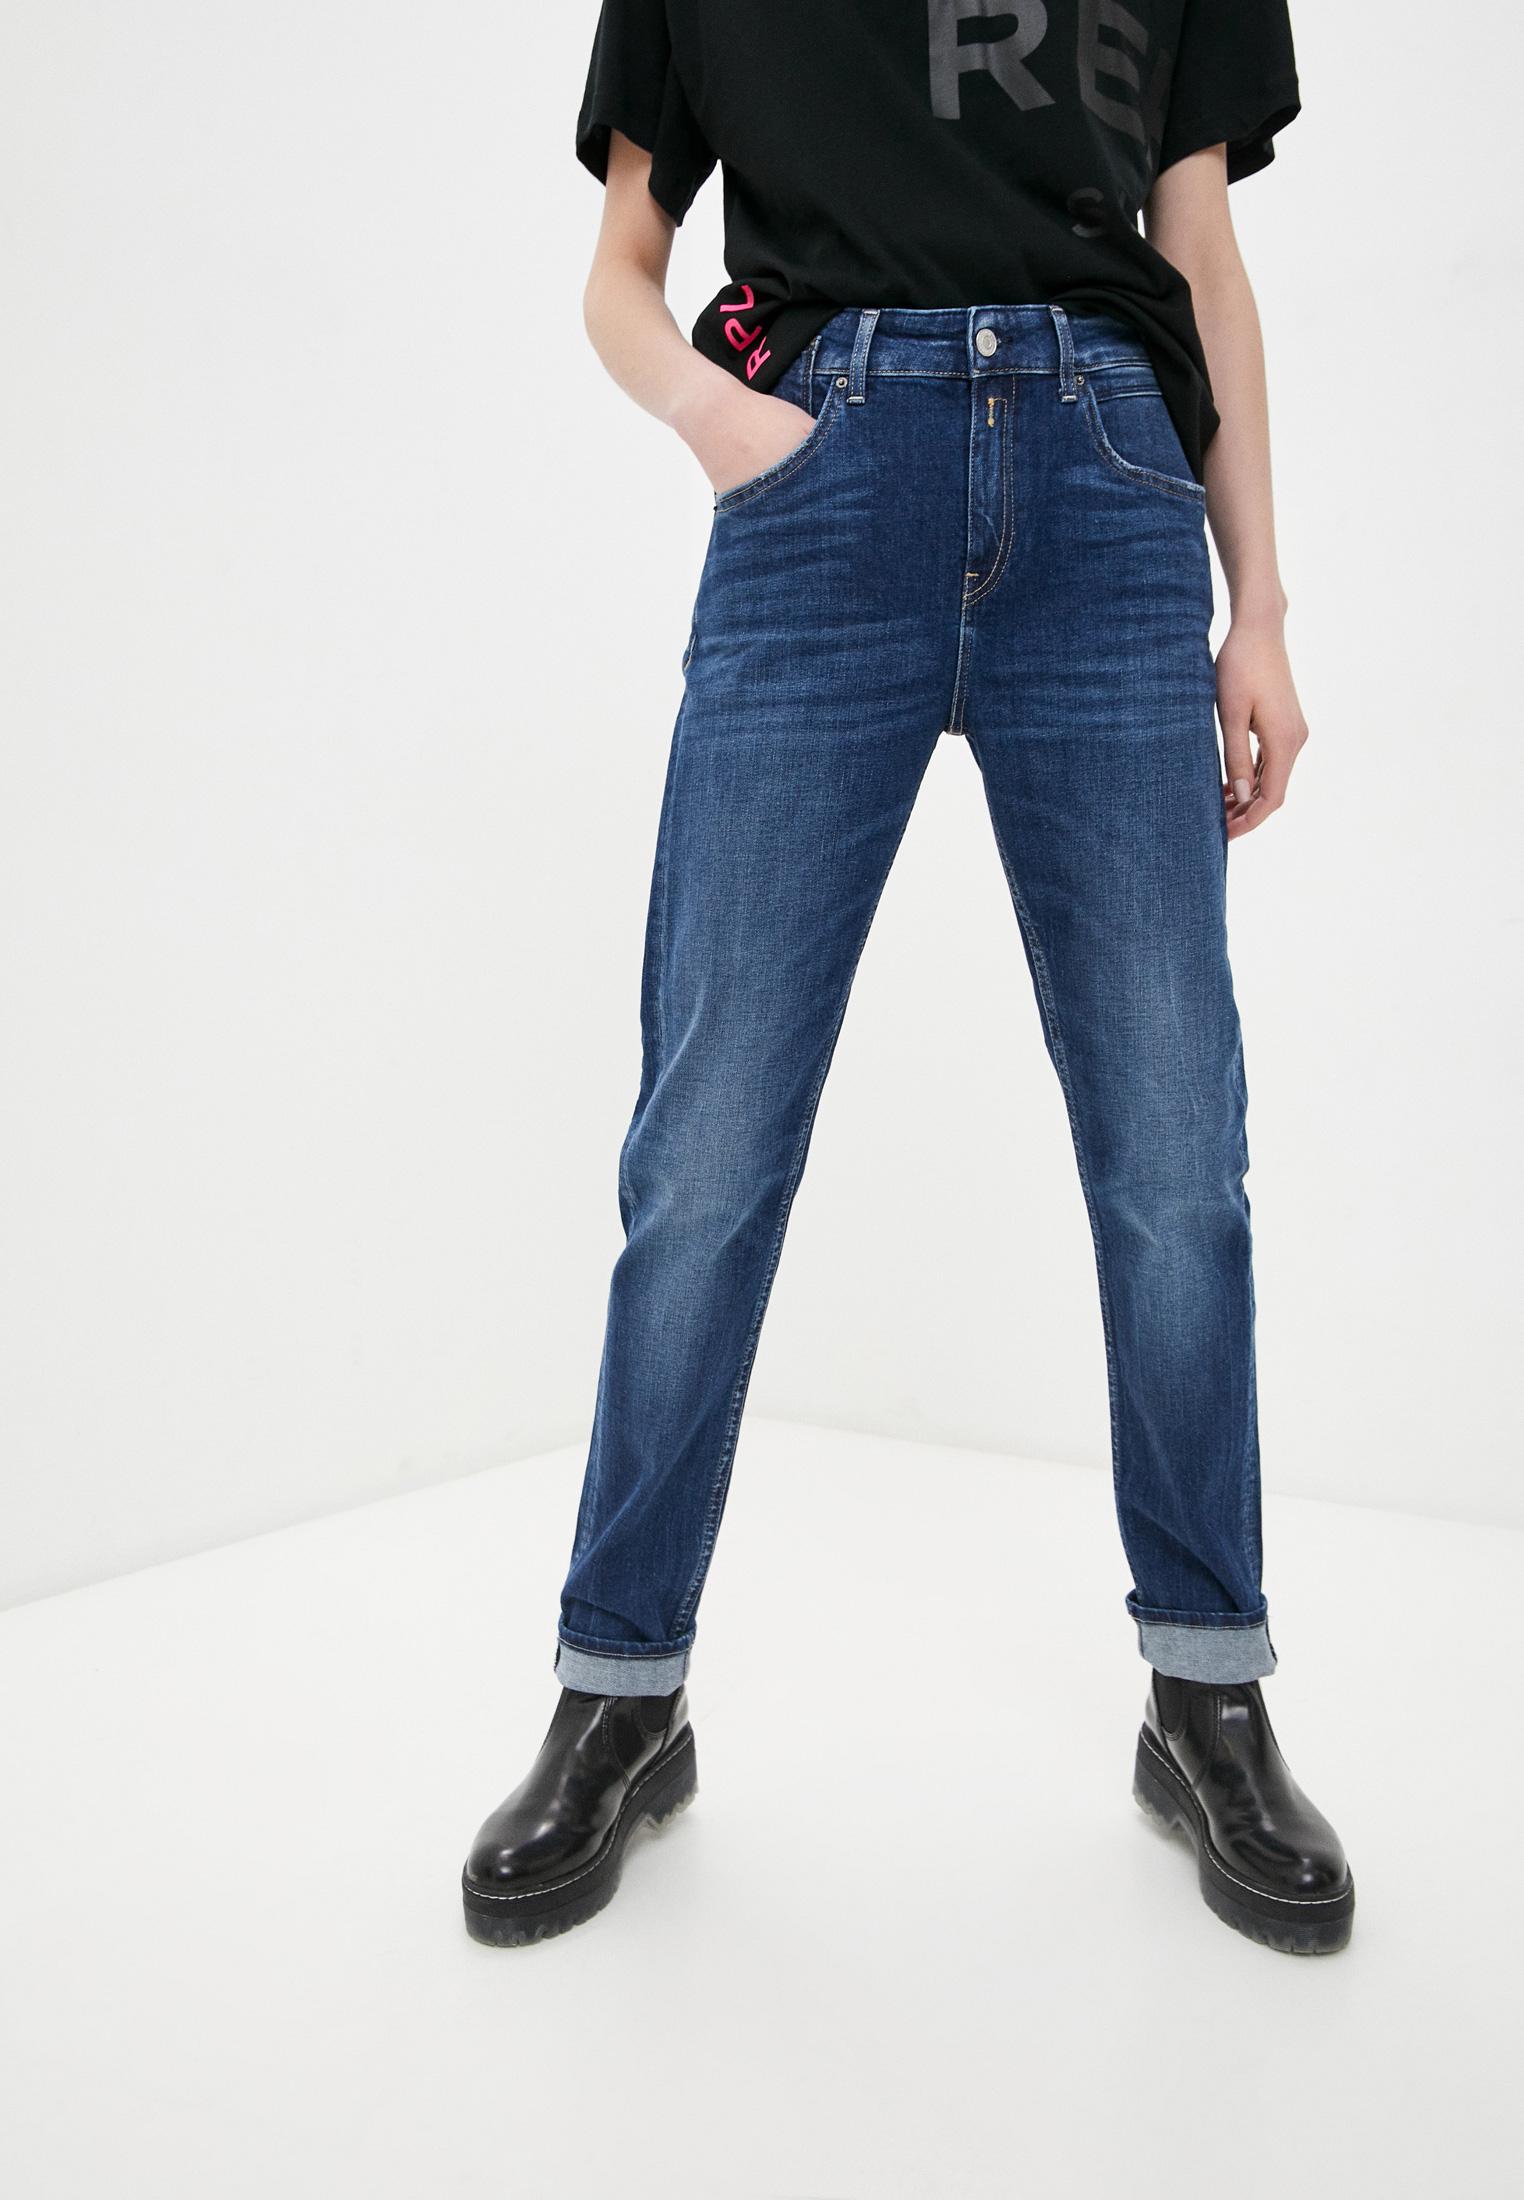 Зауженные джинсы Replay (Реплей) WA416.000.573810B